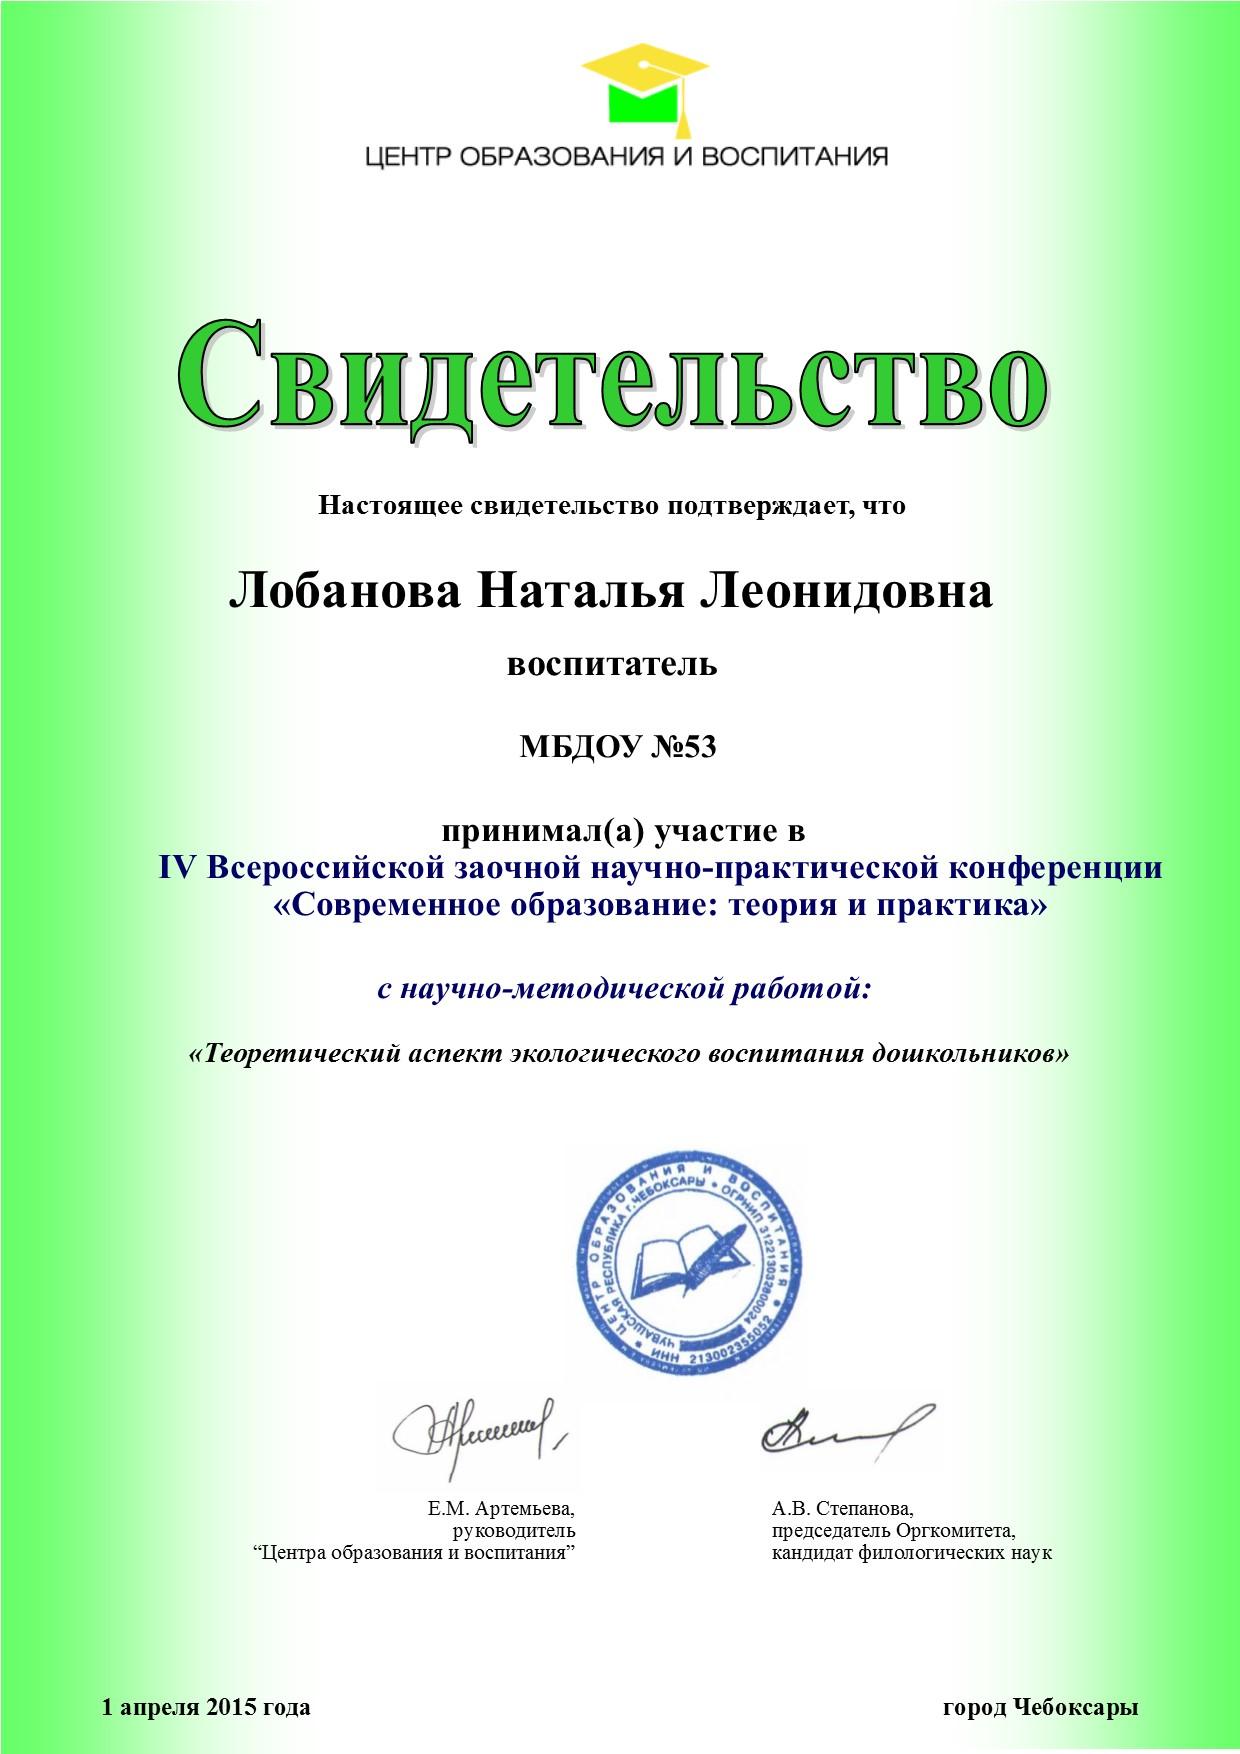 Лобанова Наталья Леонидовна2 (1)